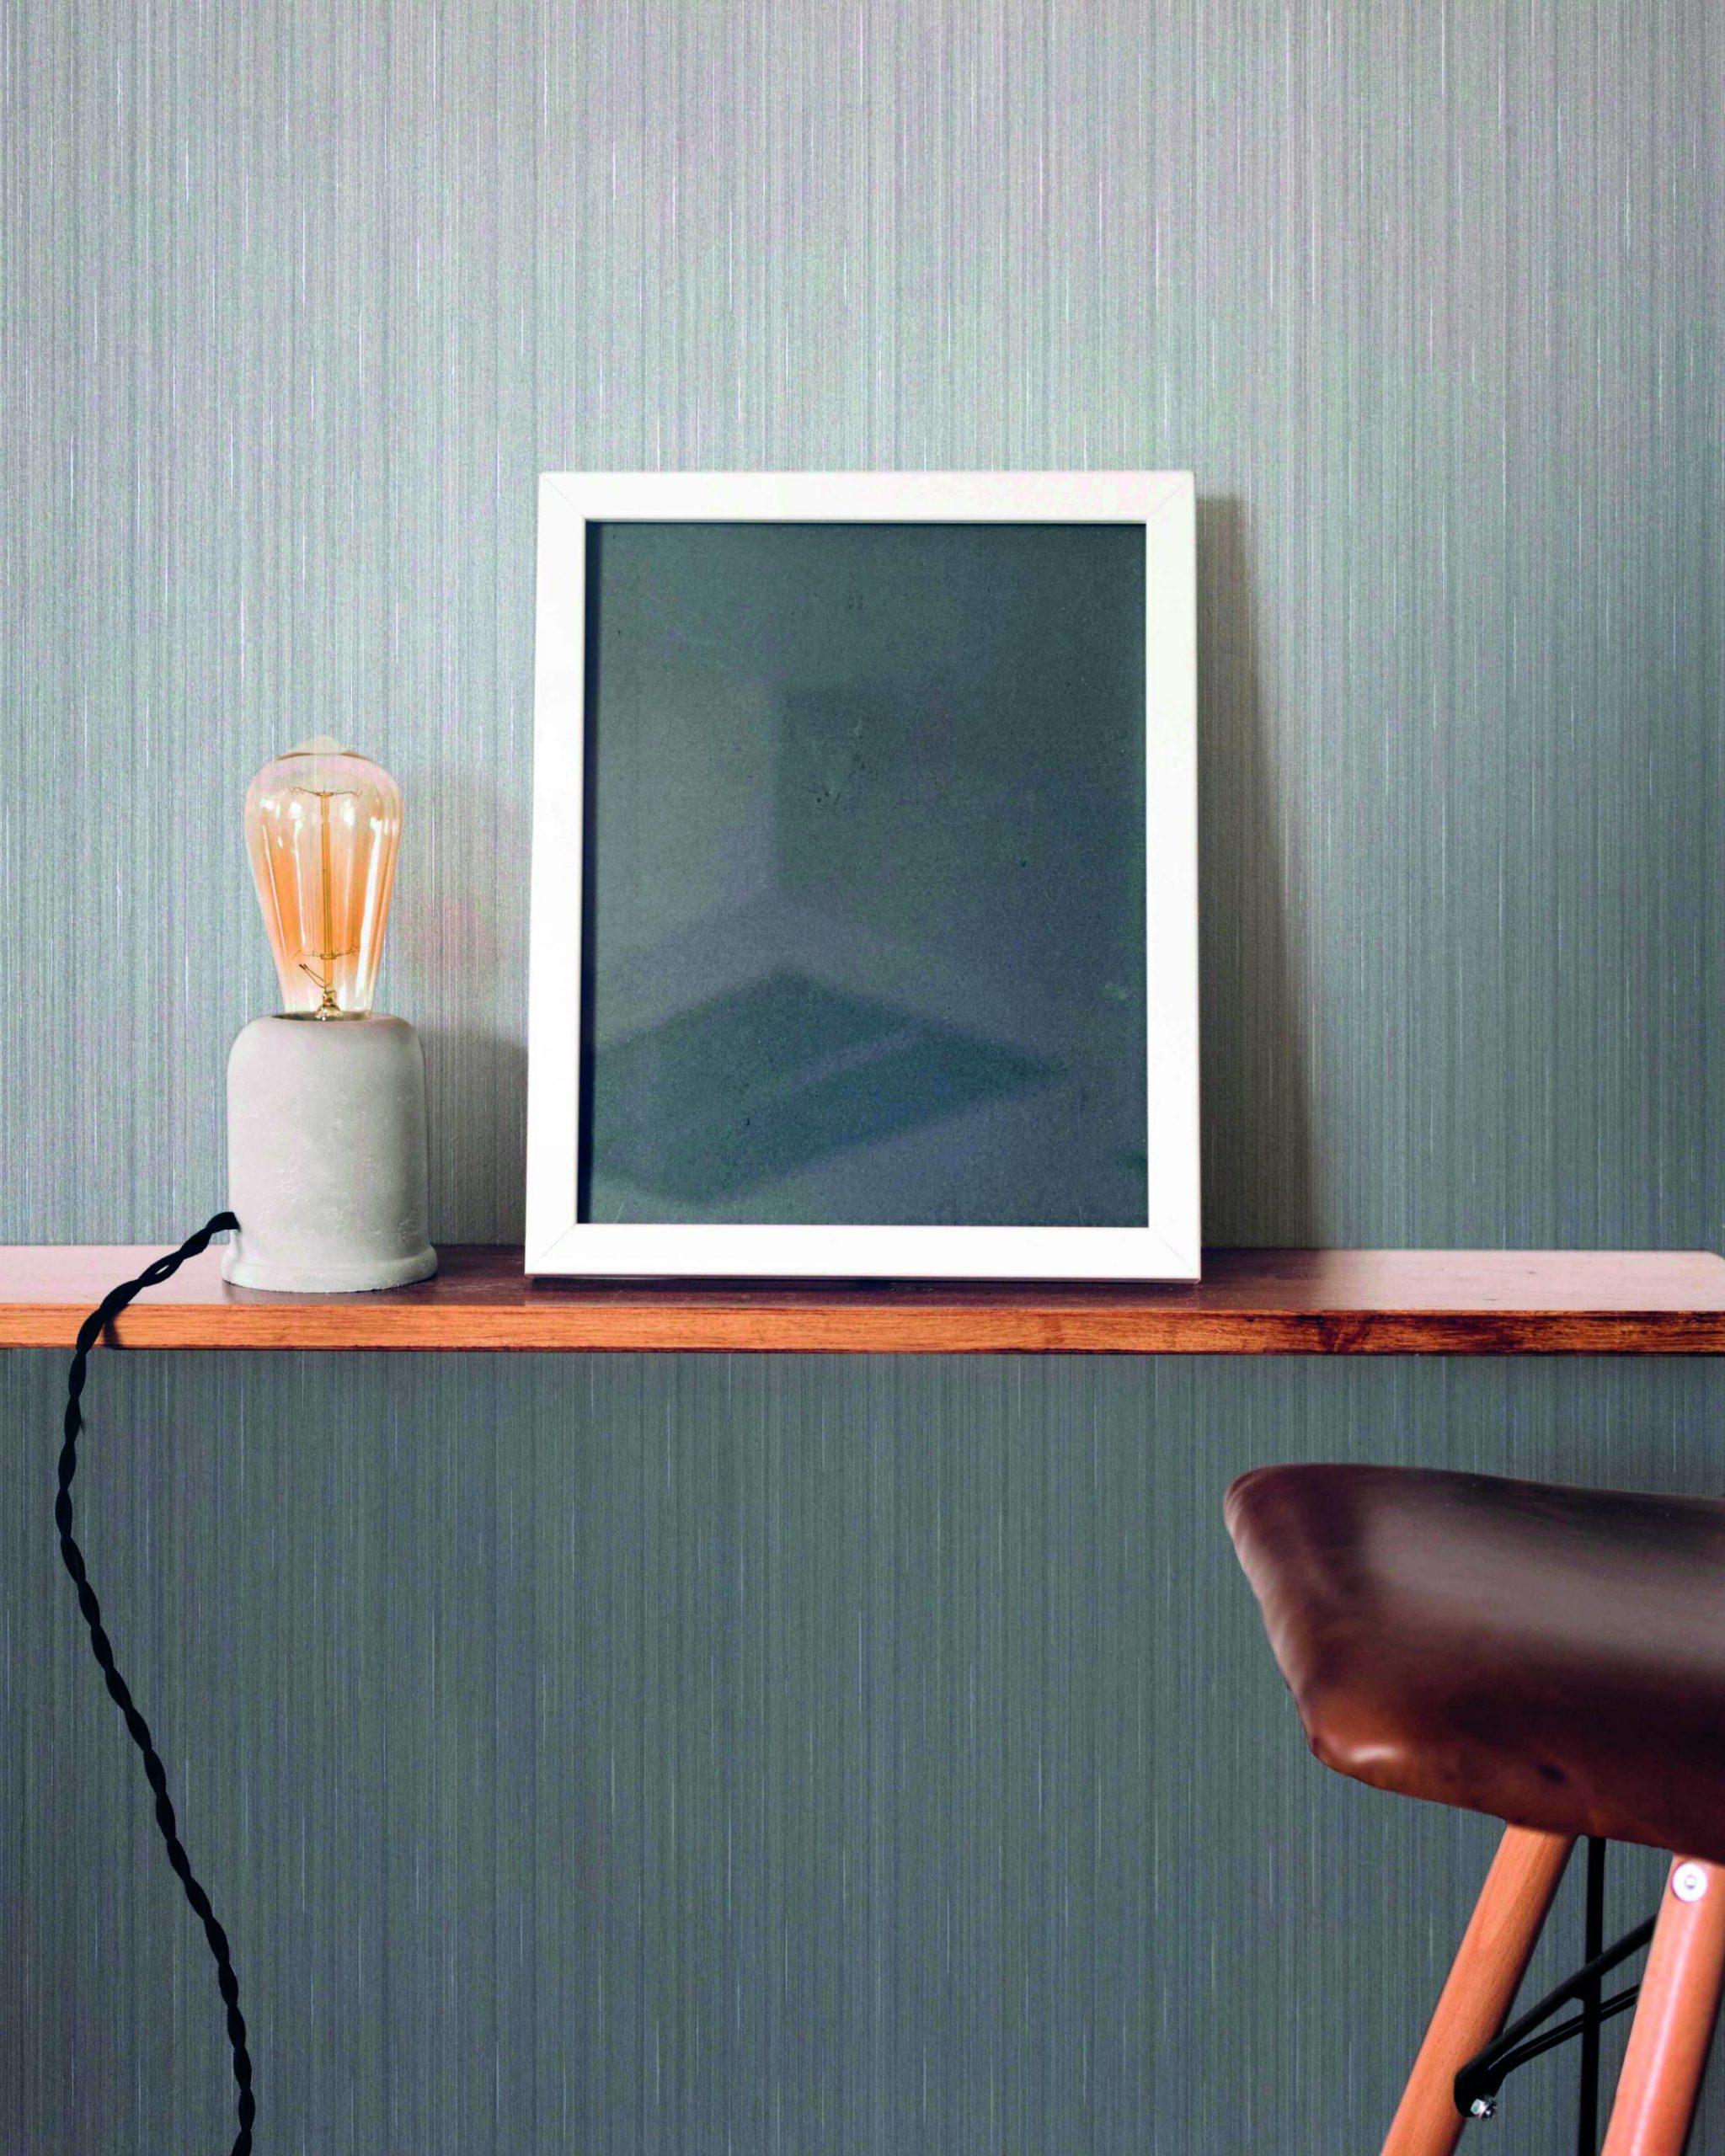 lyon-stripe-context-scaled.jpg